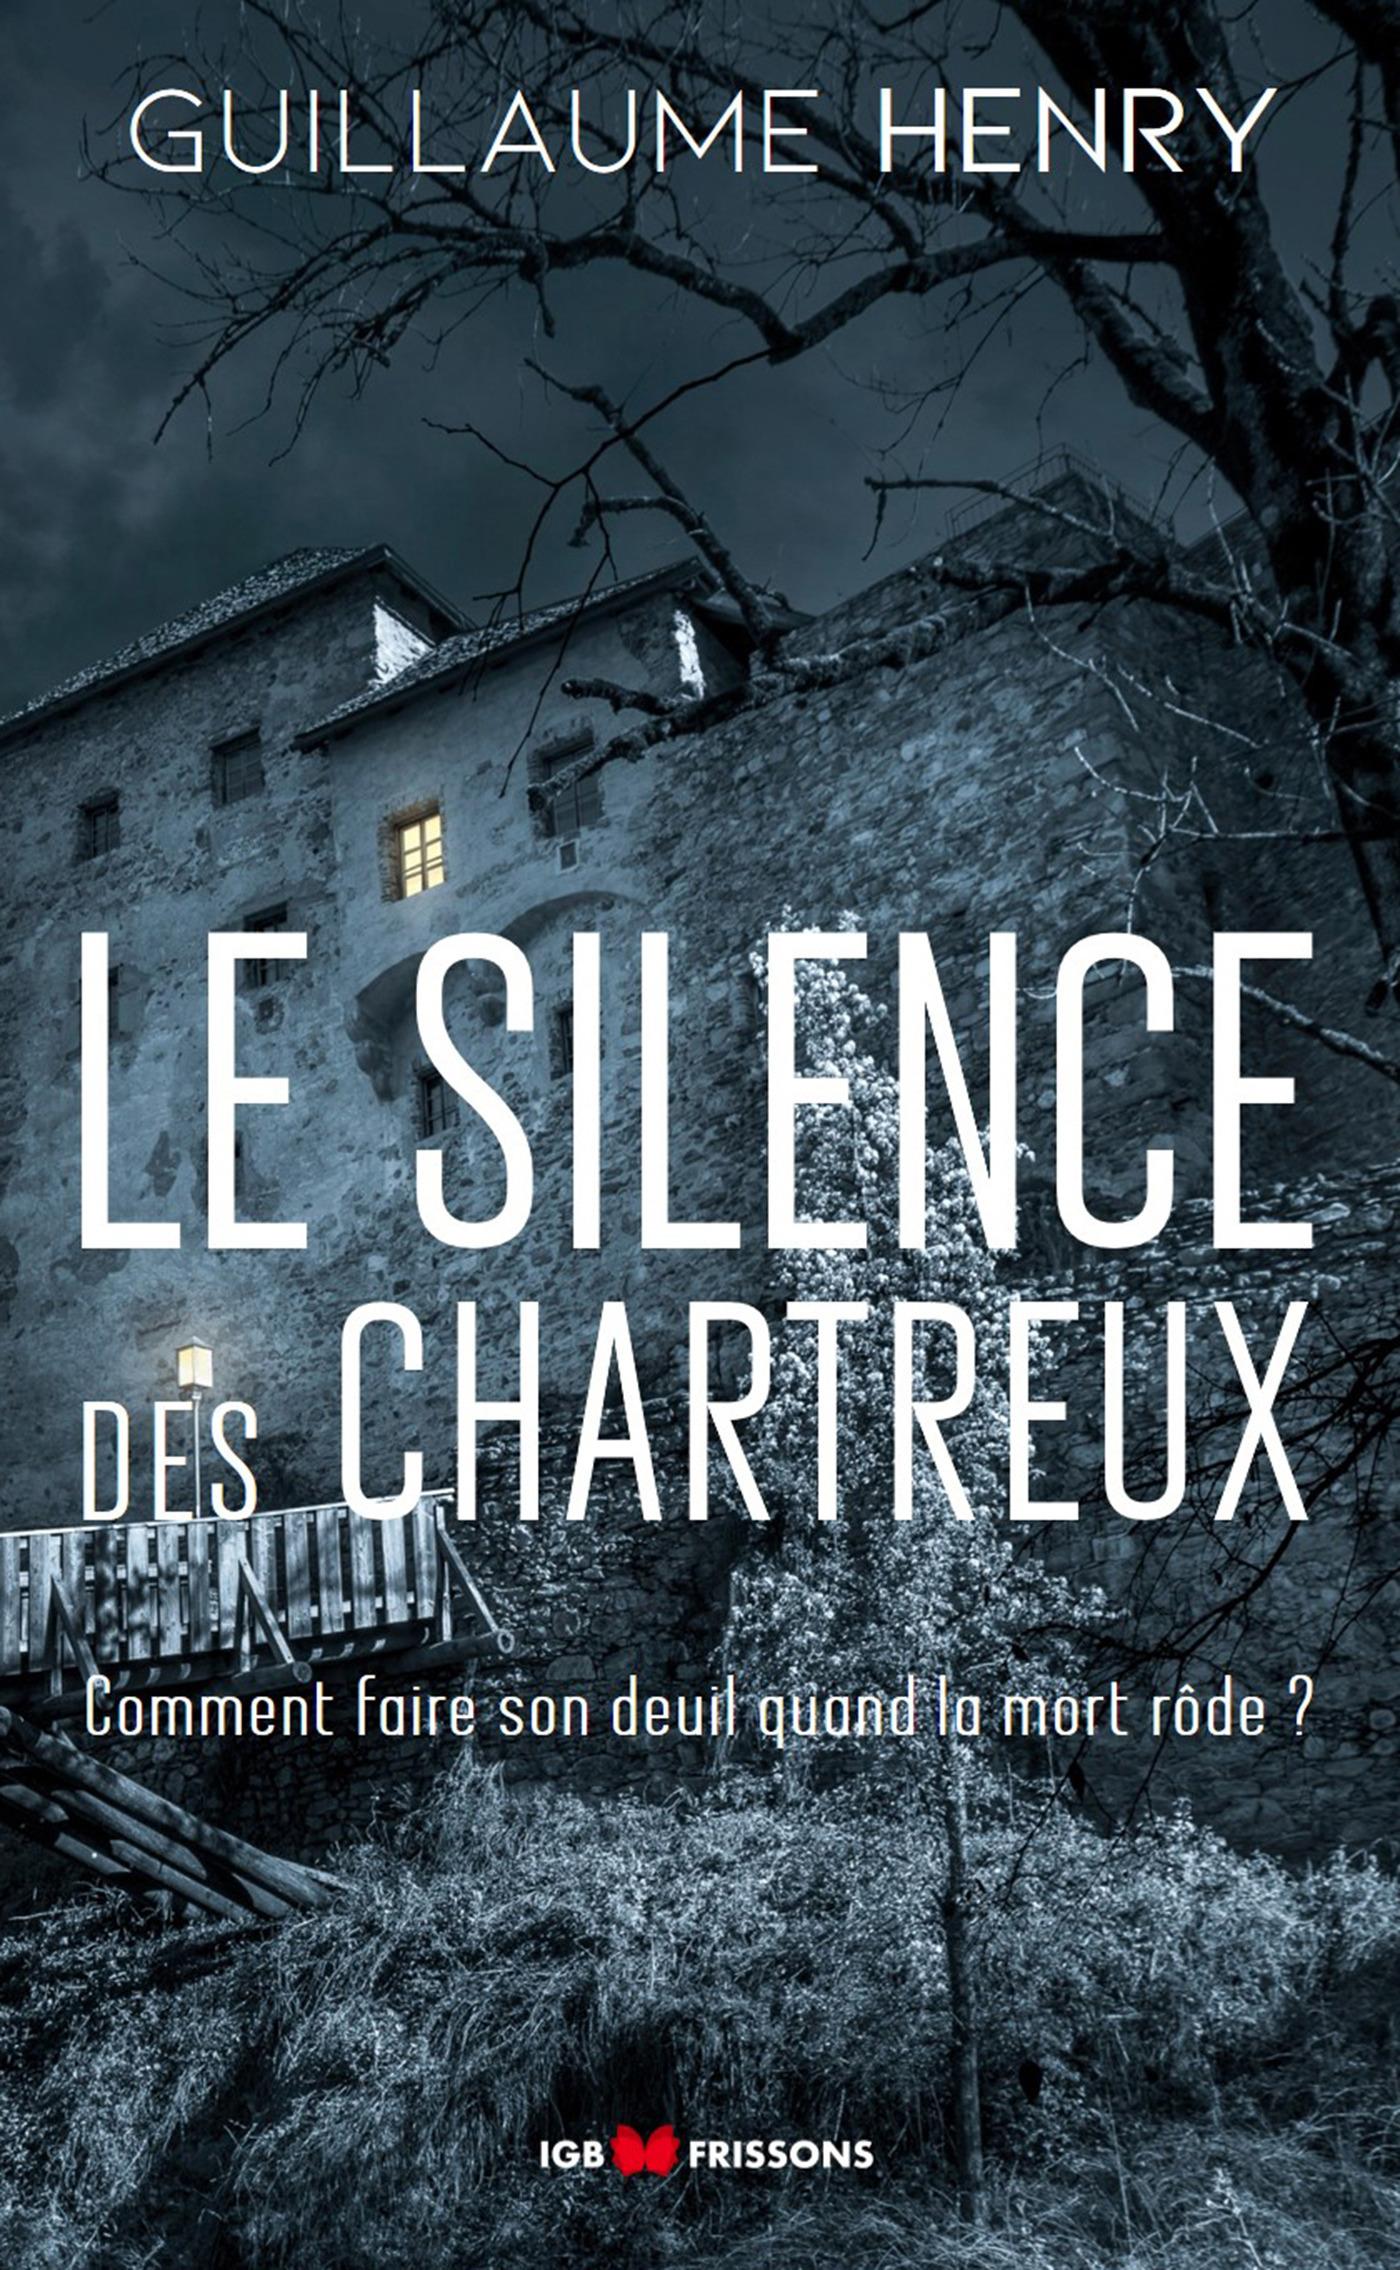 Le silence des chartreux